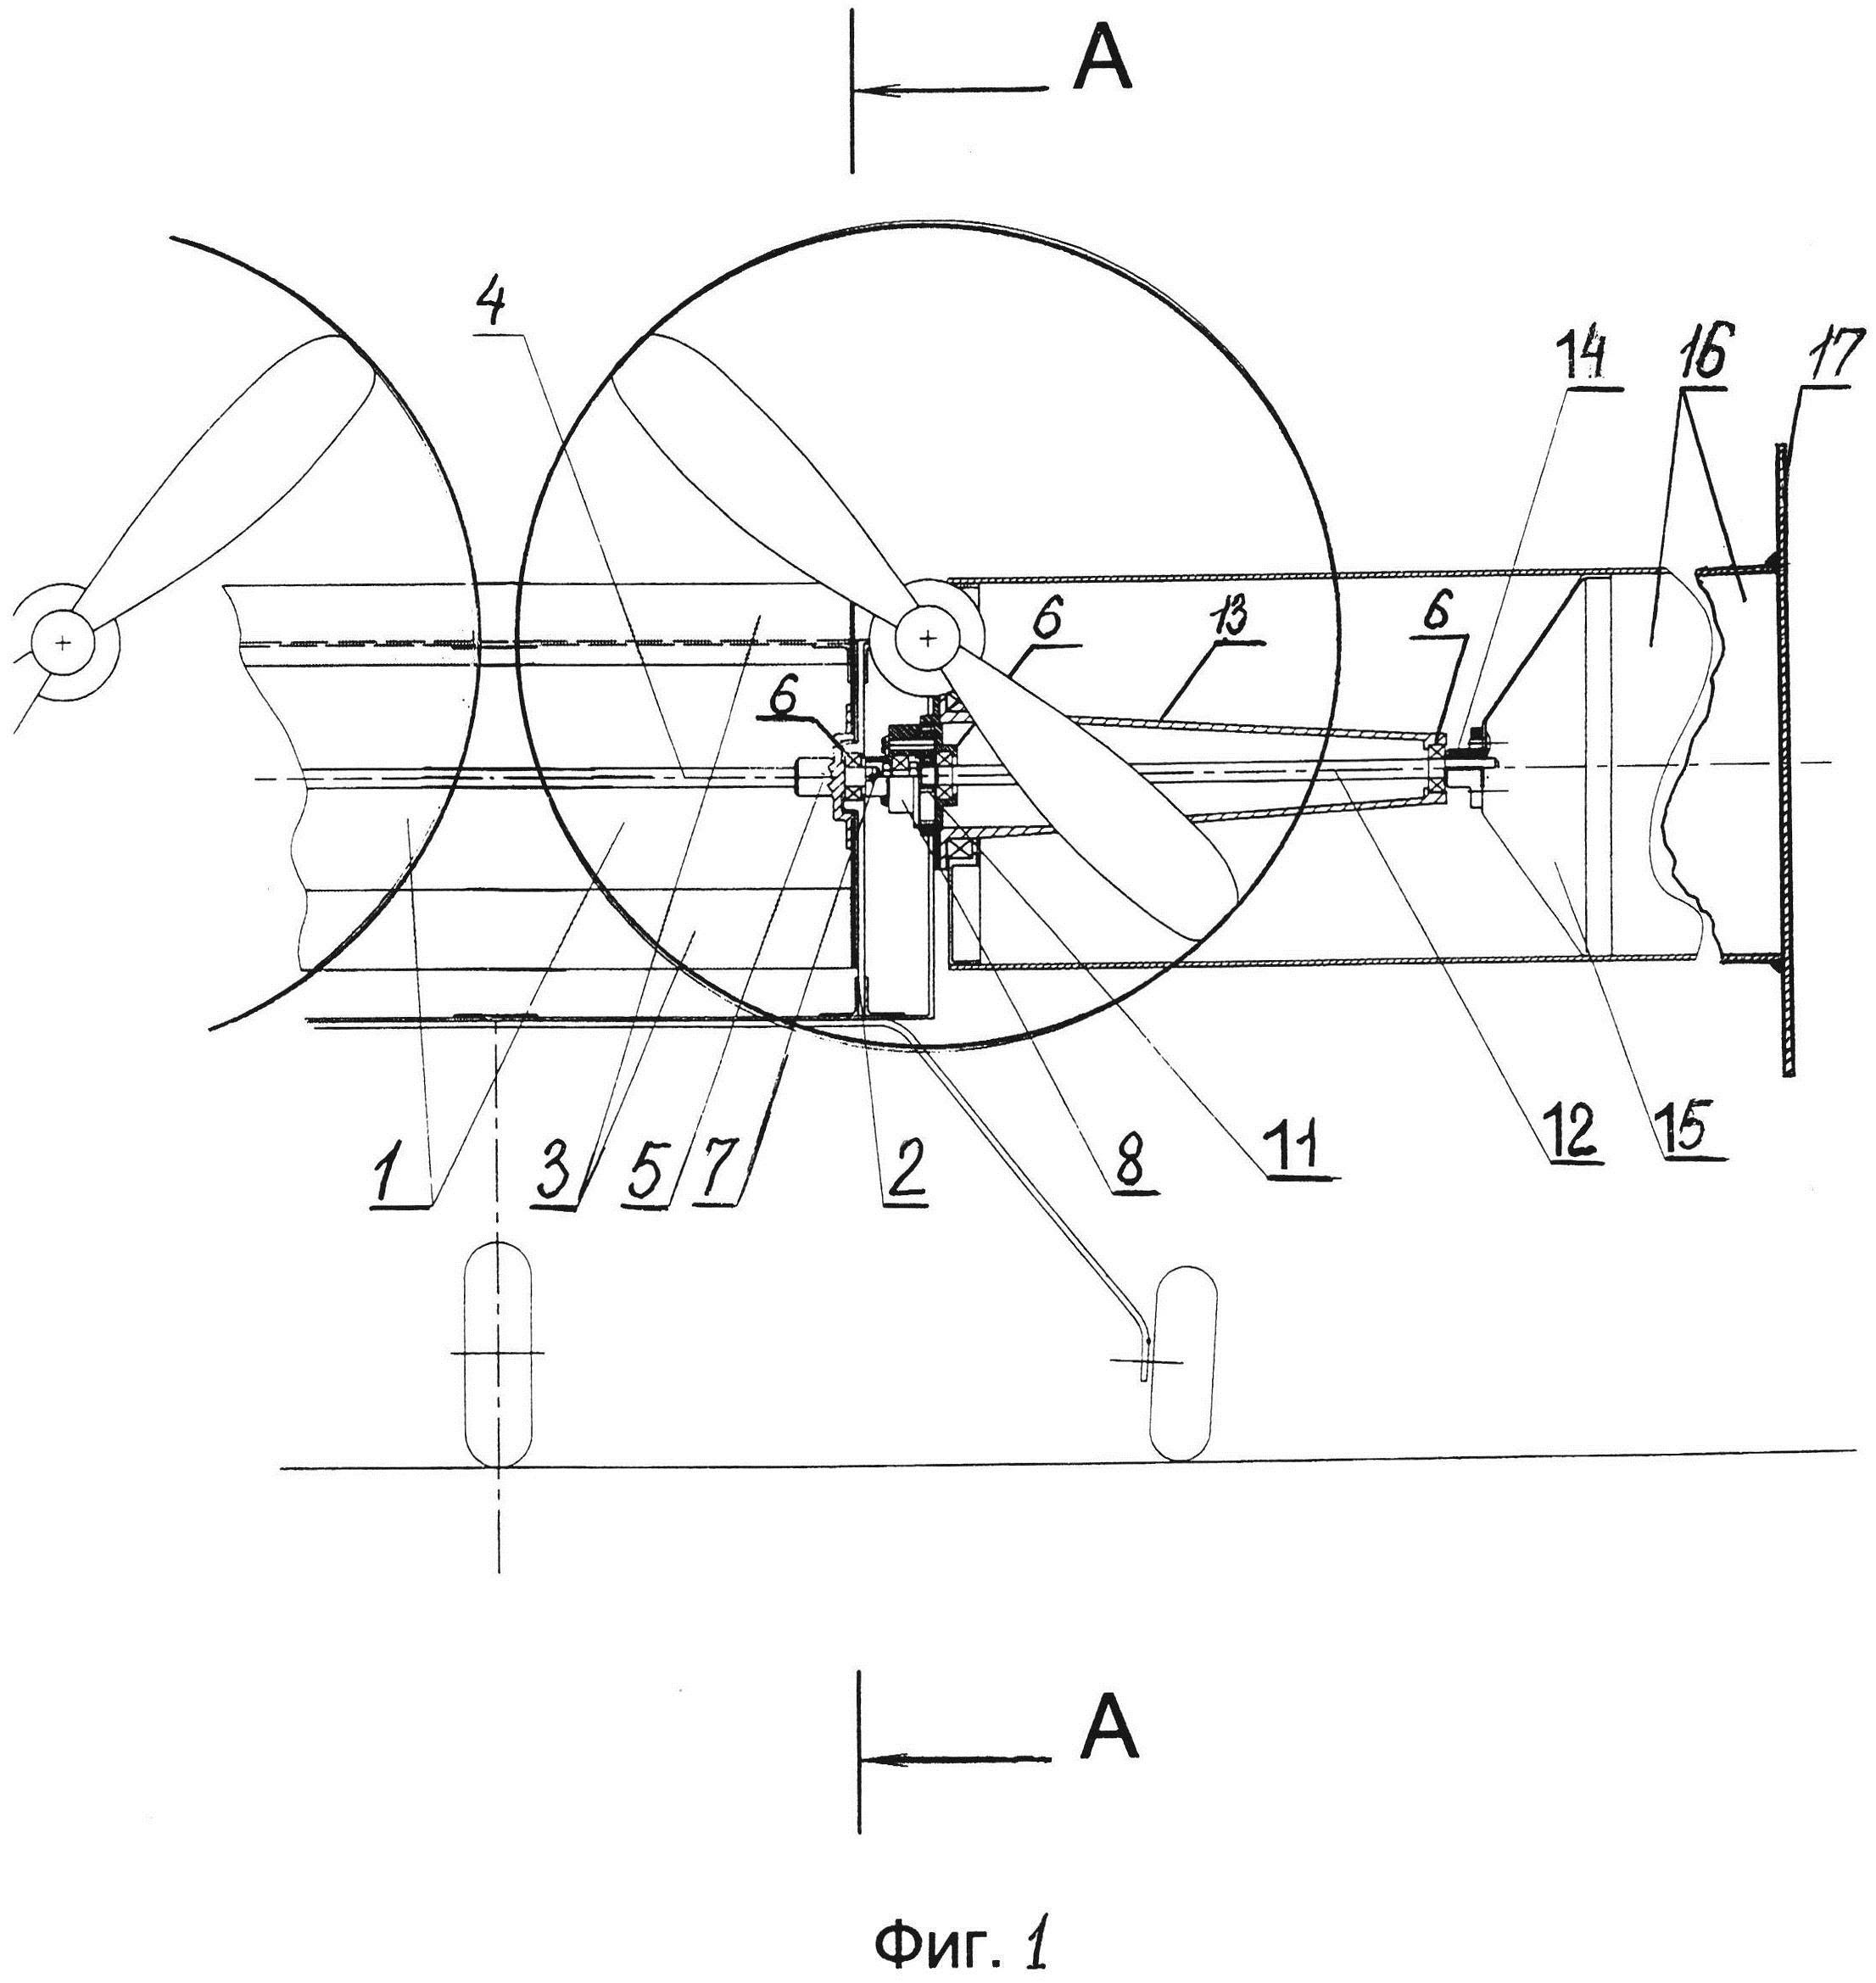 Способ вращения цилиндров, выполняющих роль крыльев на летательных аппаратах